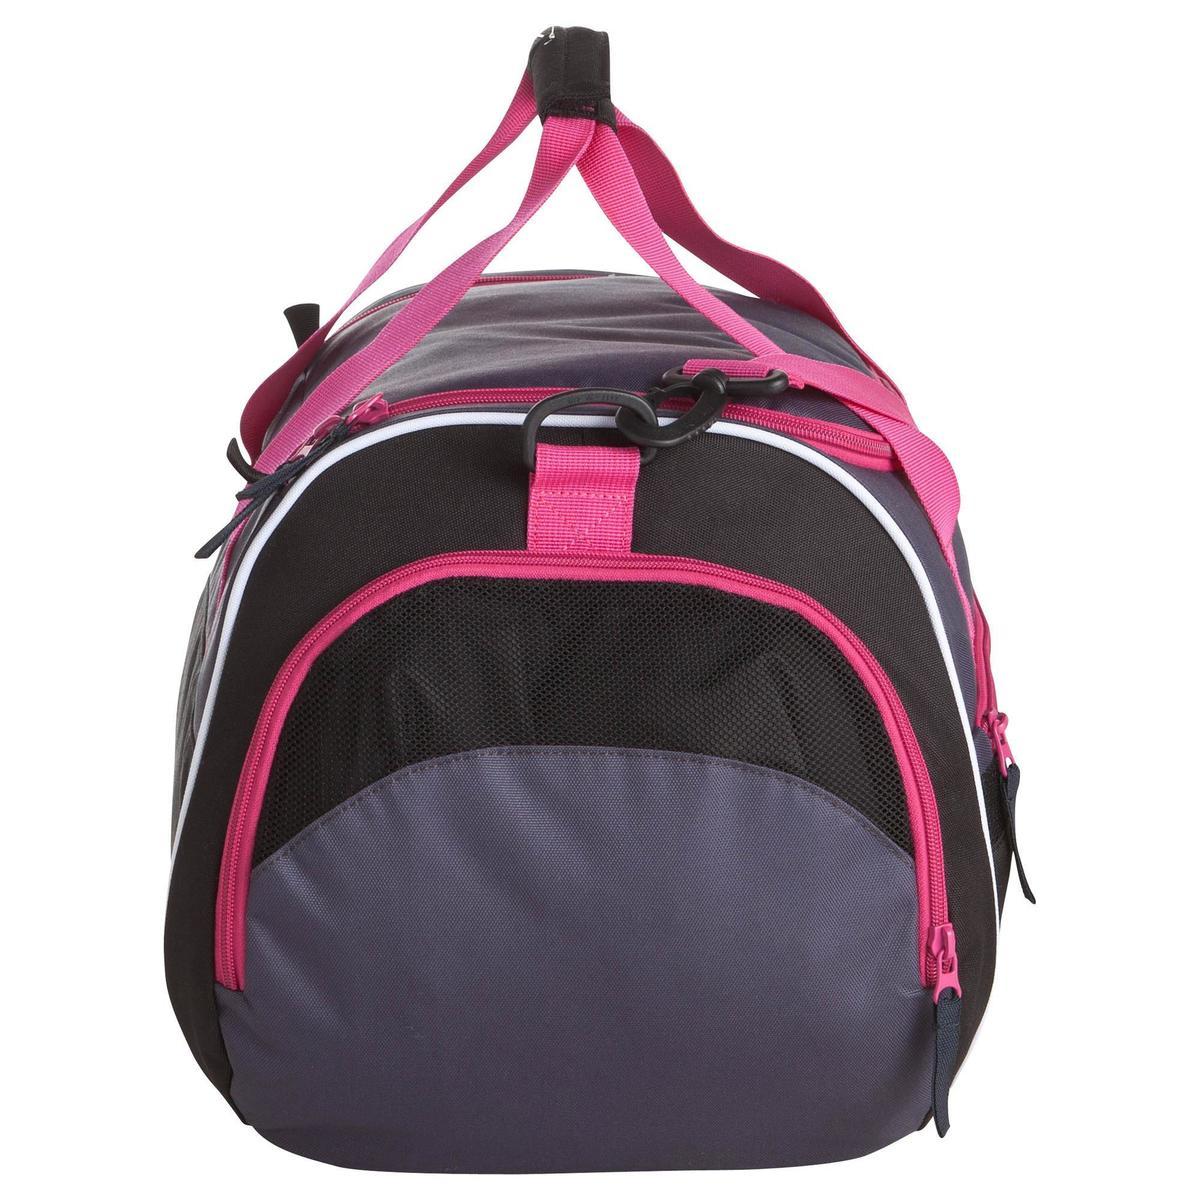 Bild 4 von Schwimmtasche Sporttasche Swimy 30 L grau/rosa